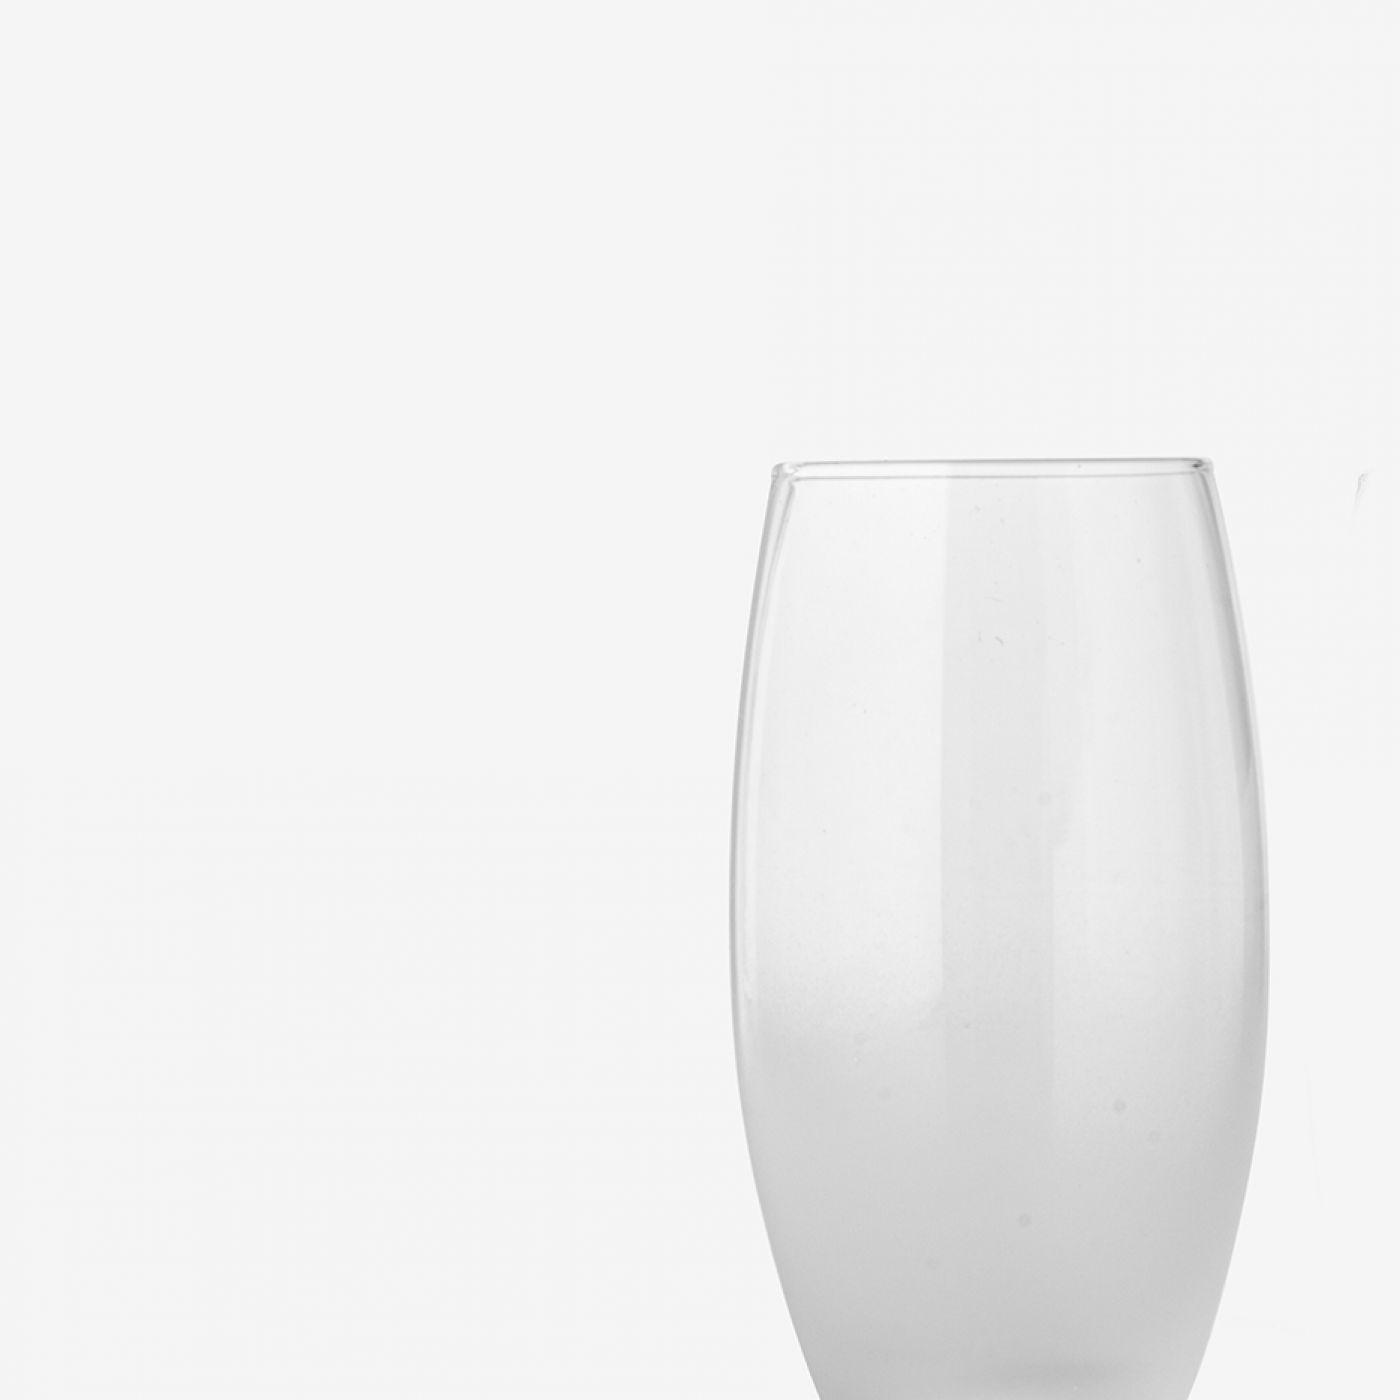 מארז 4 כוסות גבוהות